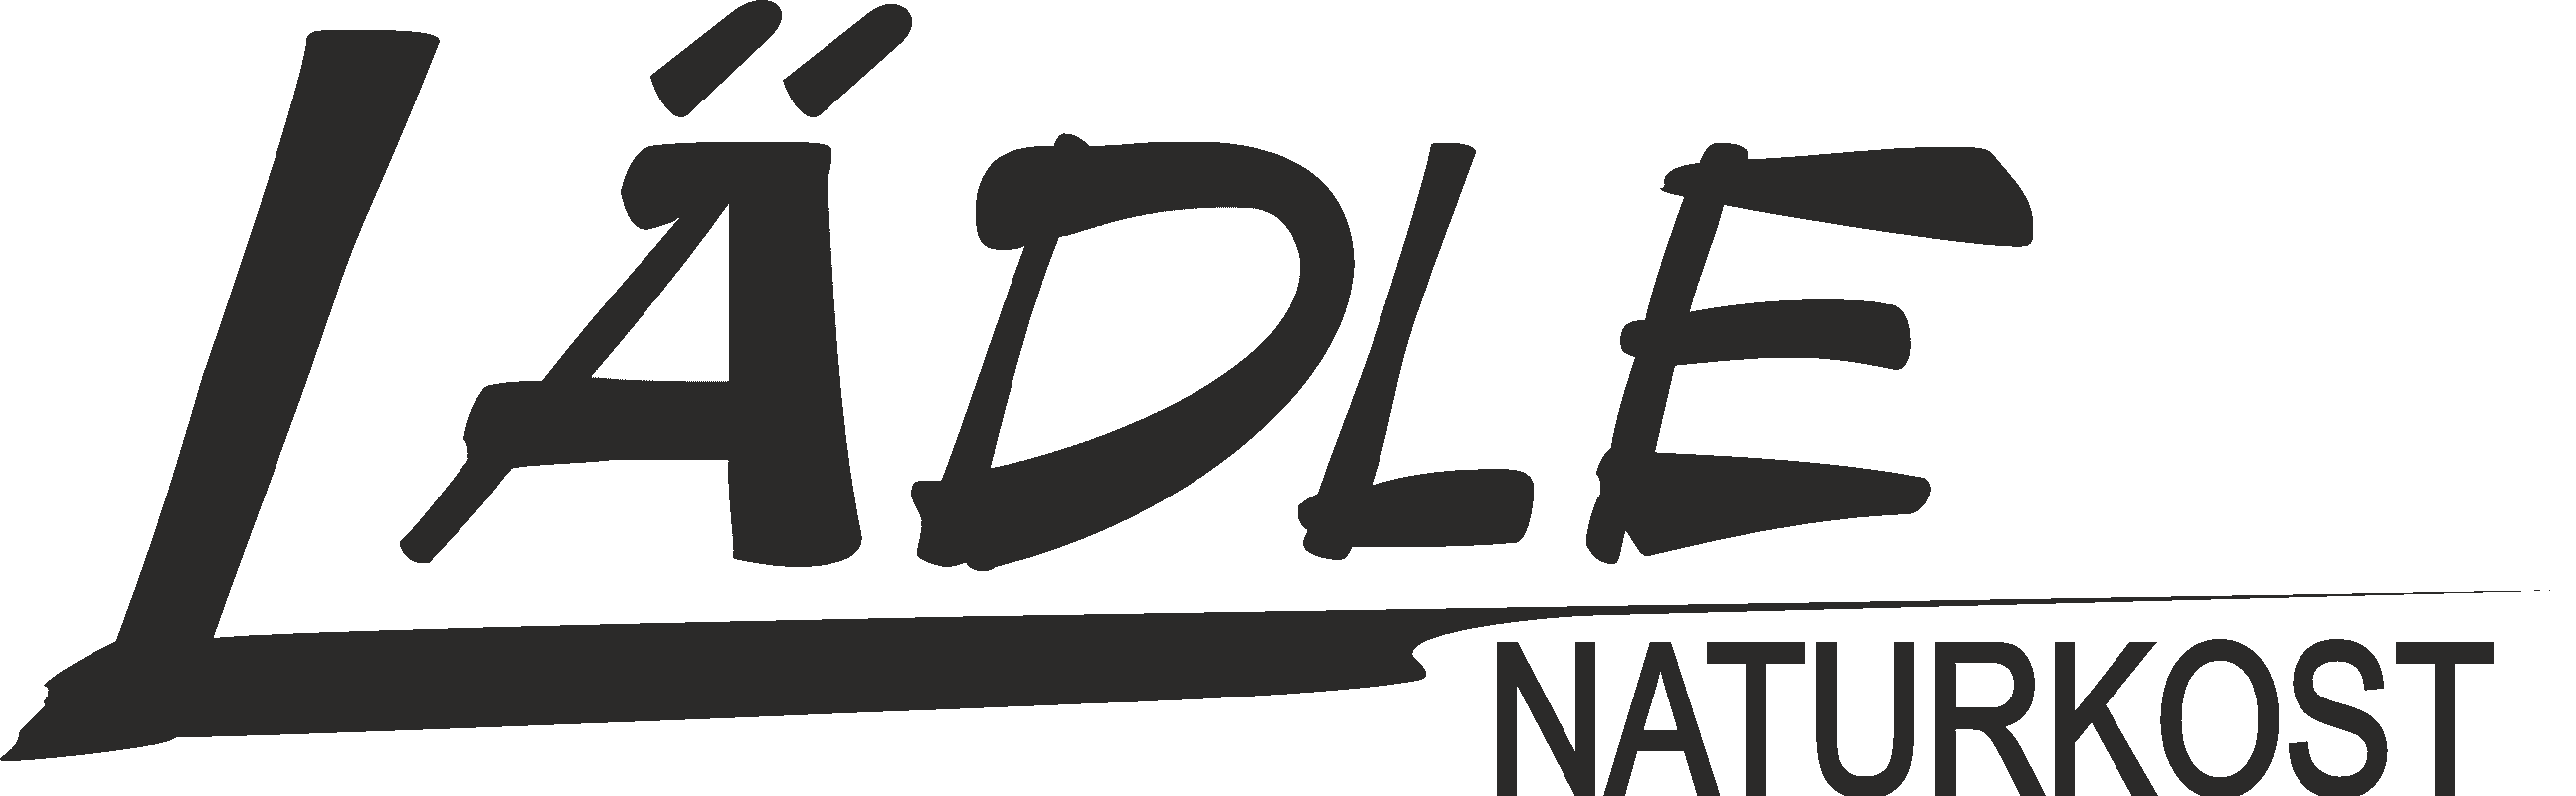 Lädle Naturkost Logo